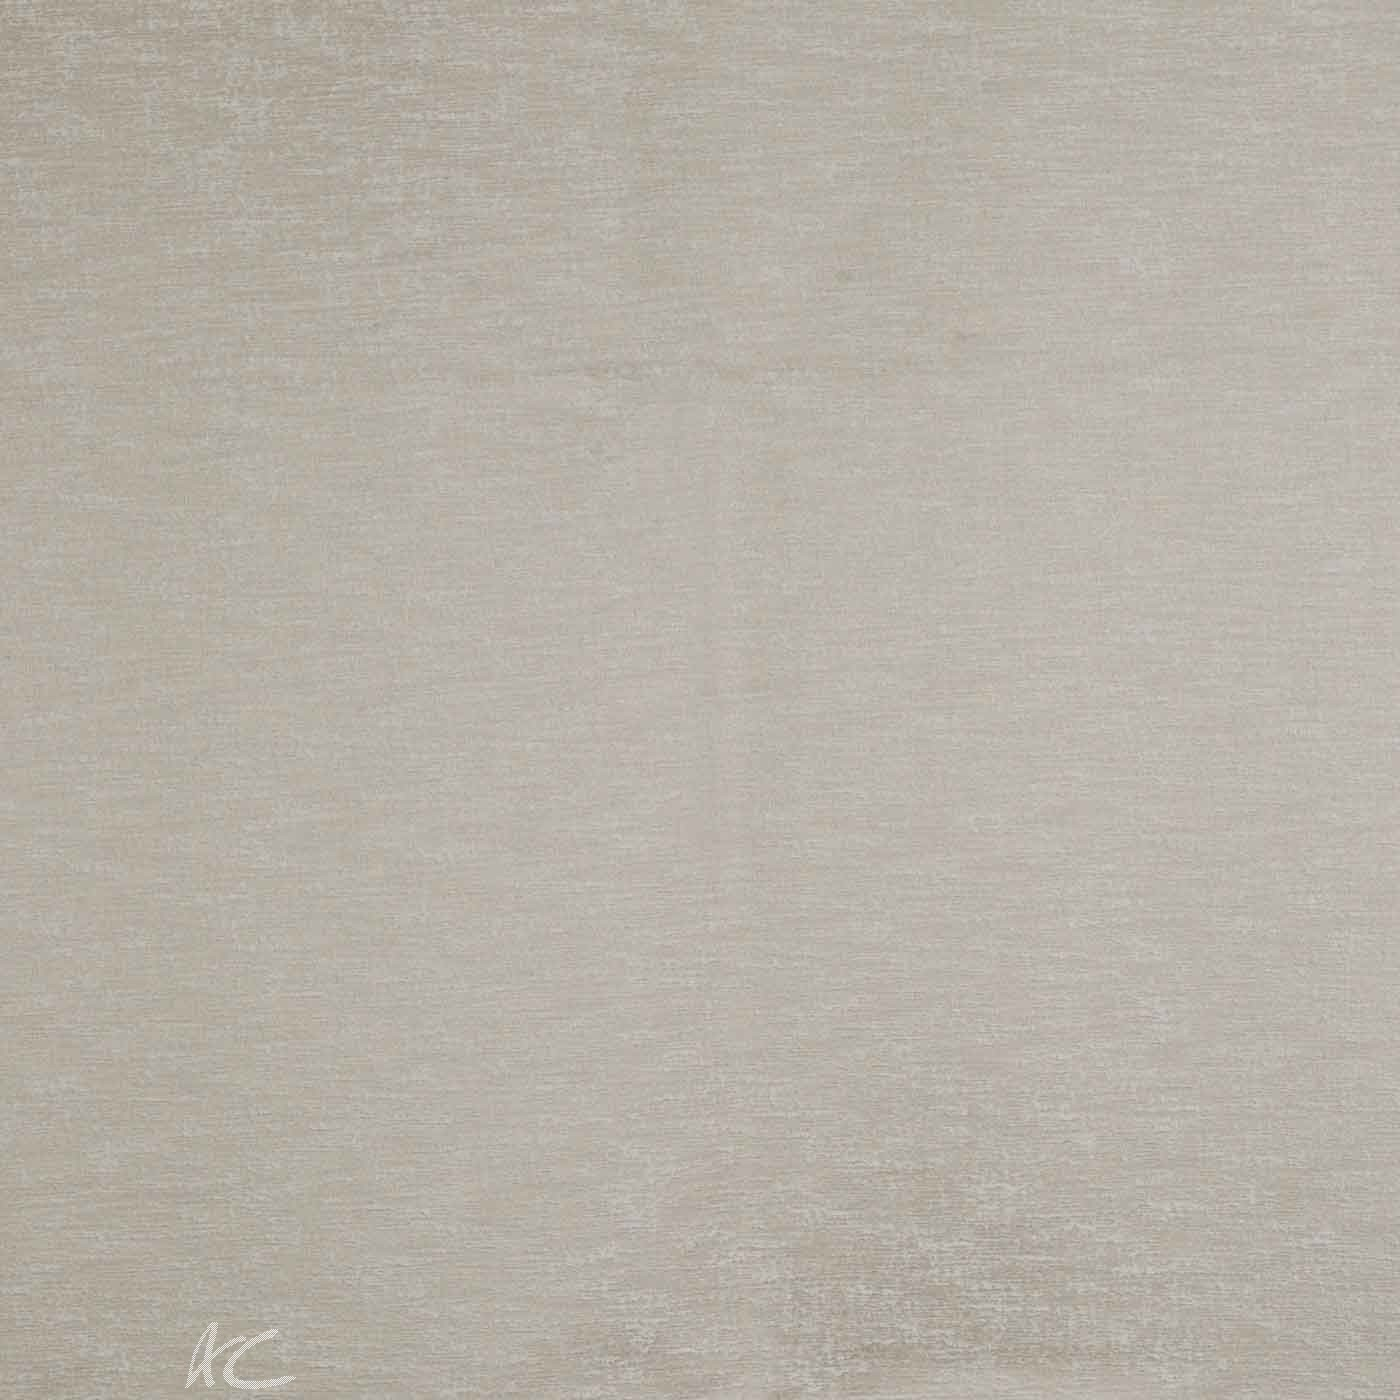 Prestigious Textiles Focus Jupiter Oyster Curtain Fabric